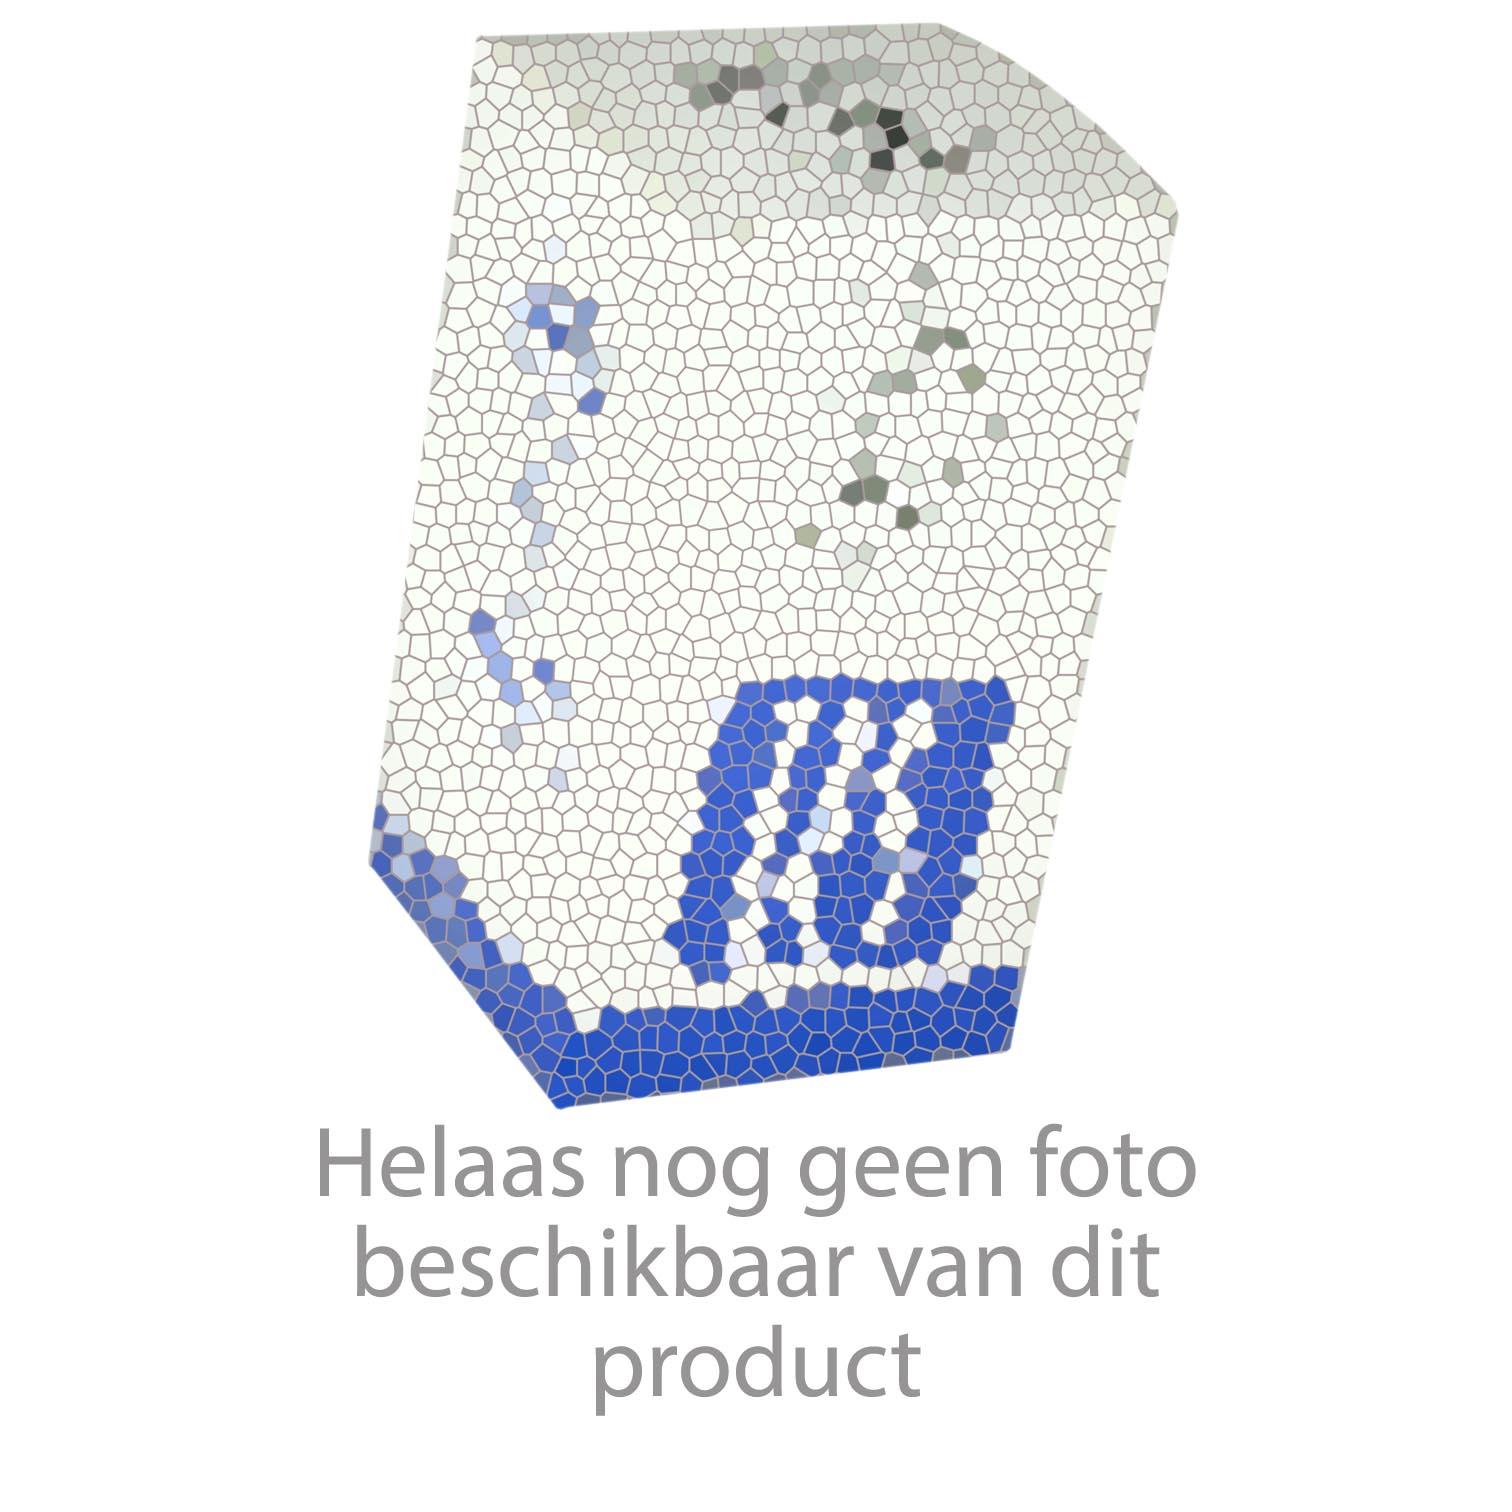 Vola Inbouwthermostaat met 3-weg omstel handdouche regendouche en 4 zijsprays. Chroom